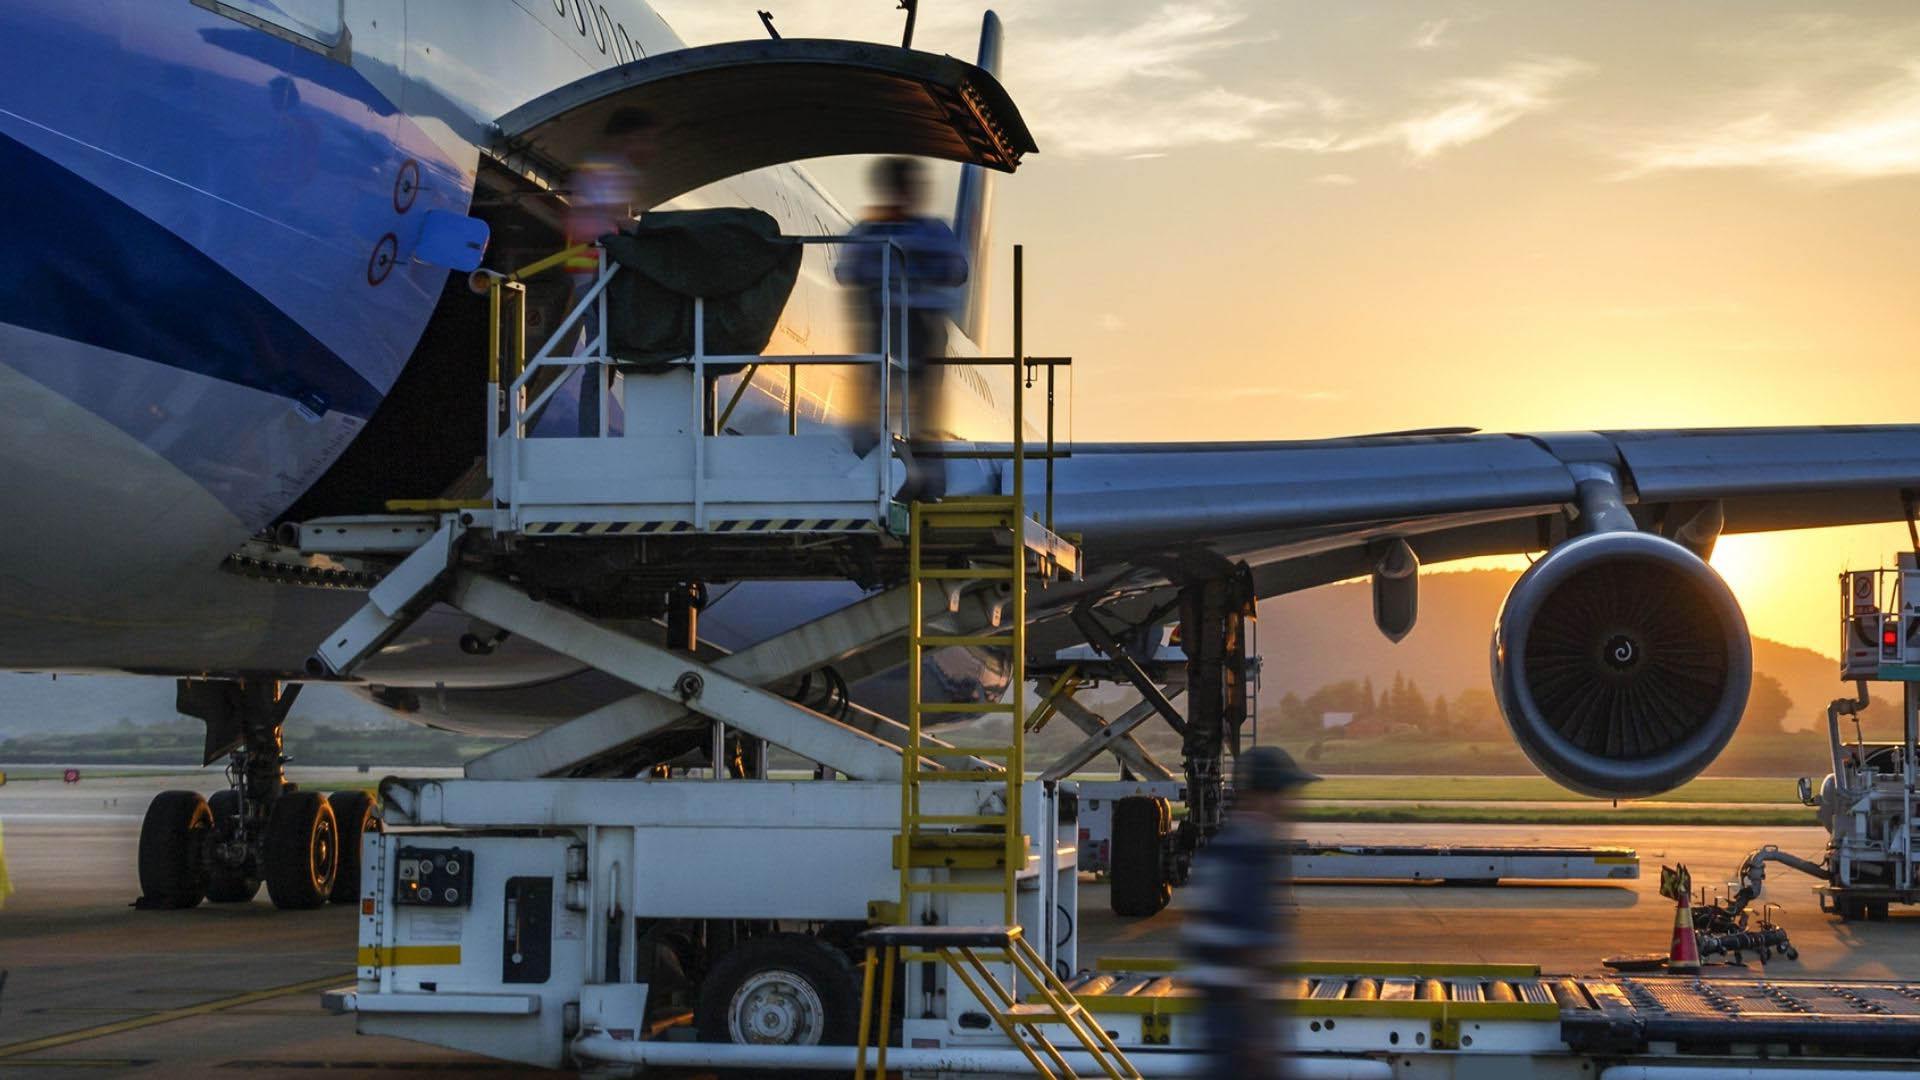 Cargonet Air freight